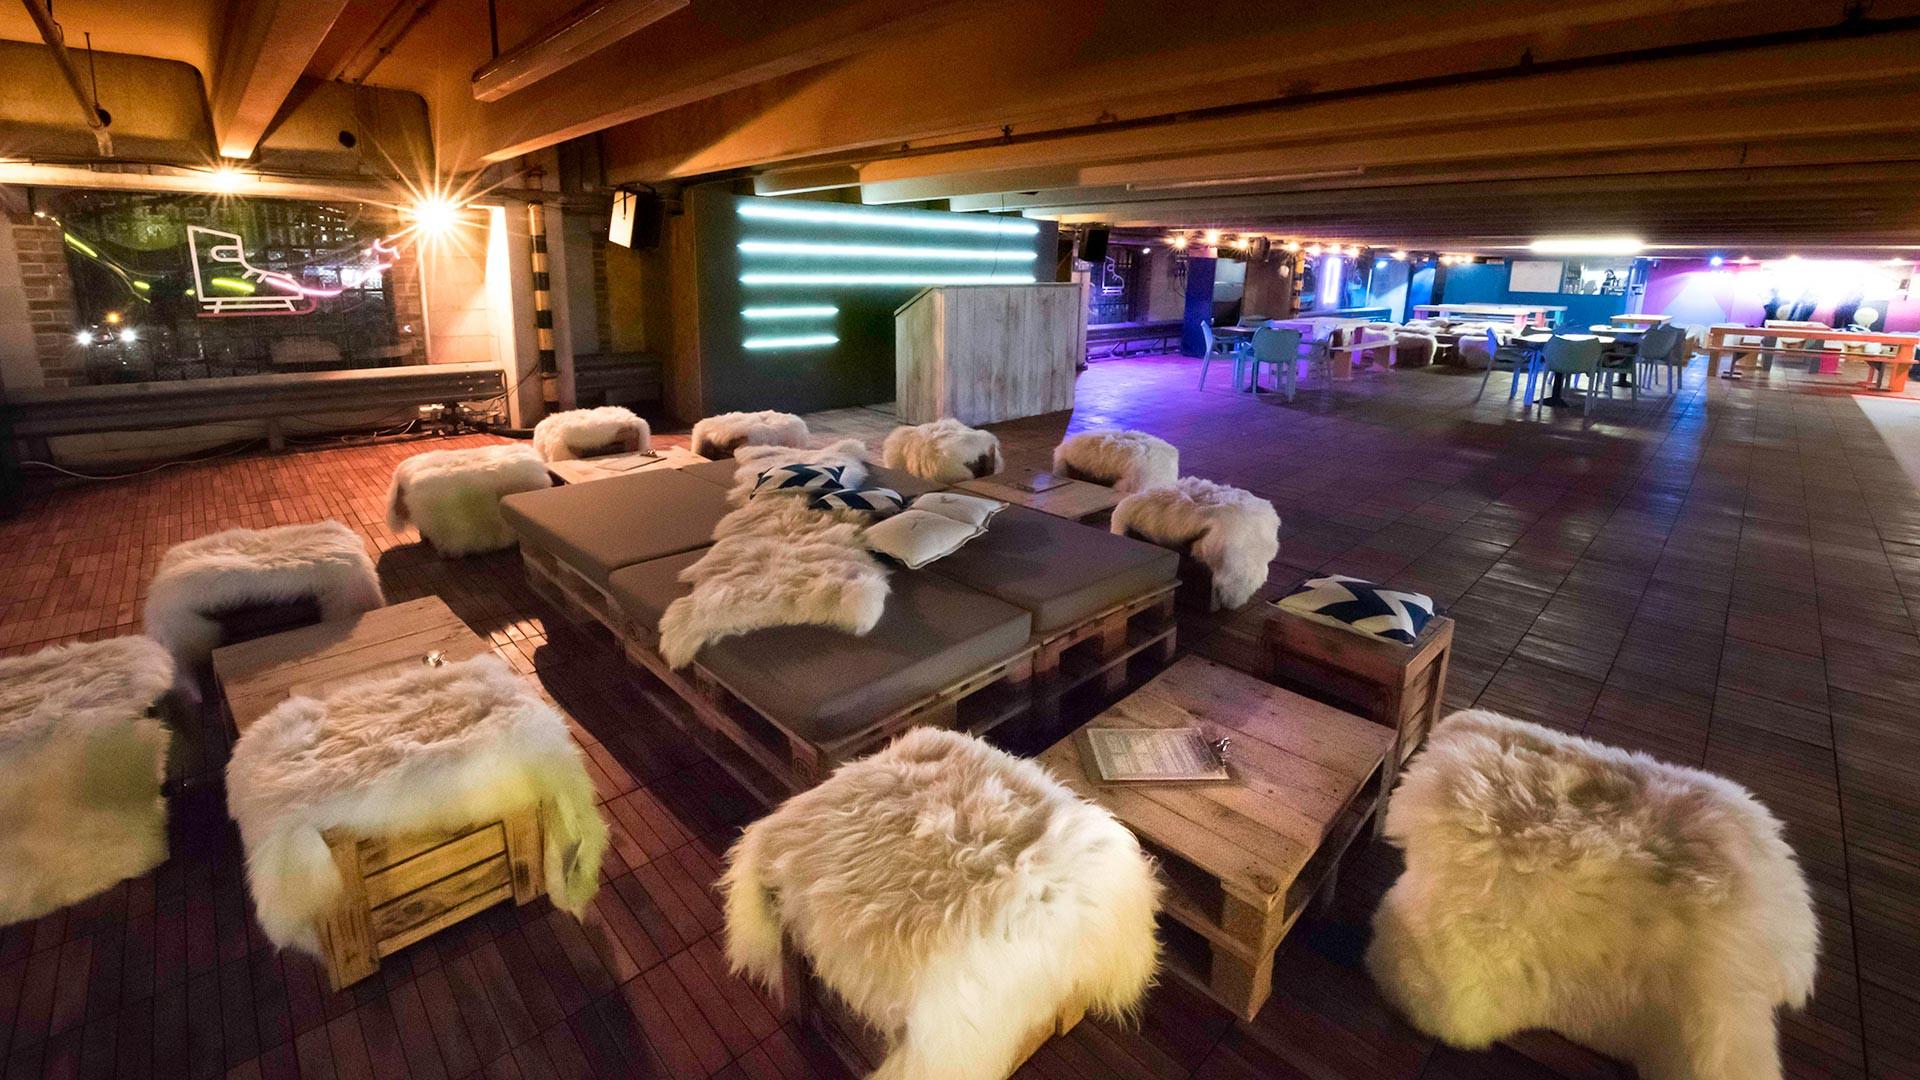 Skylight's bar